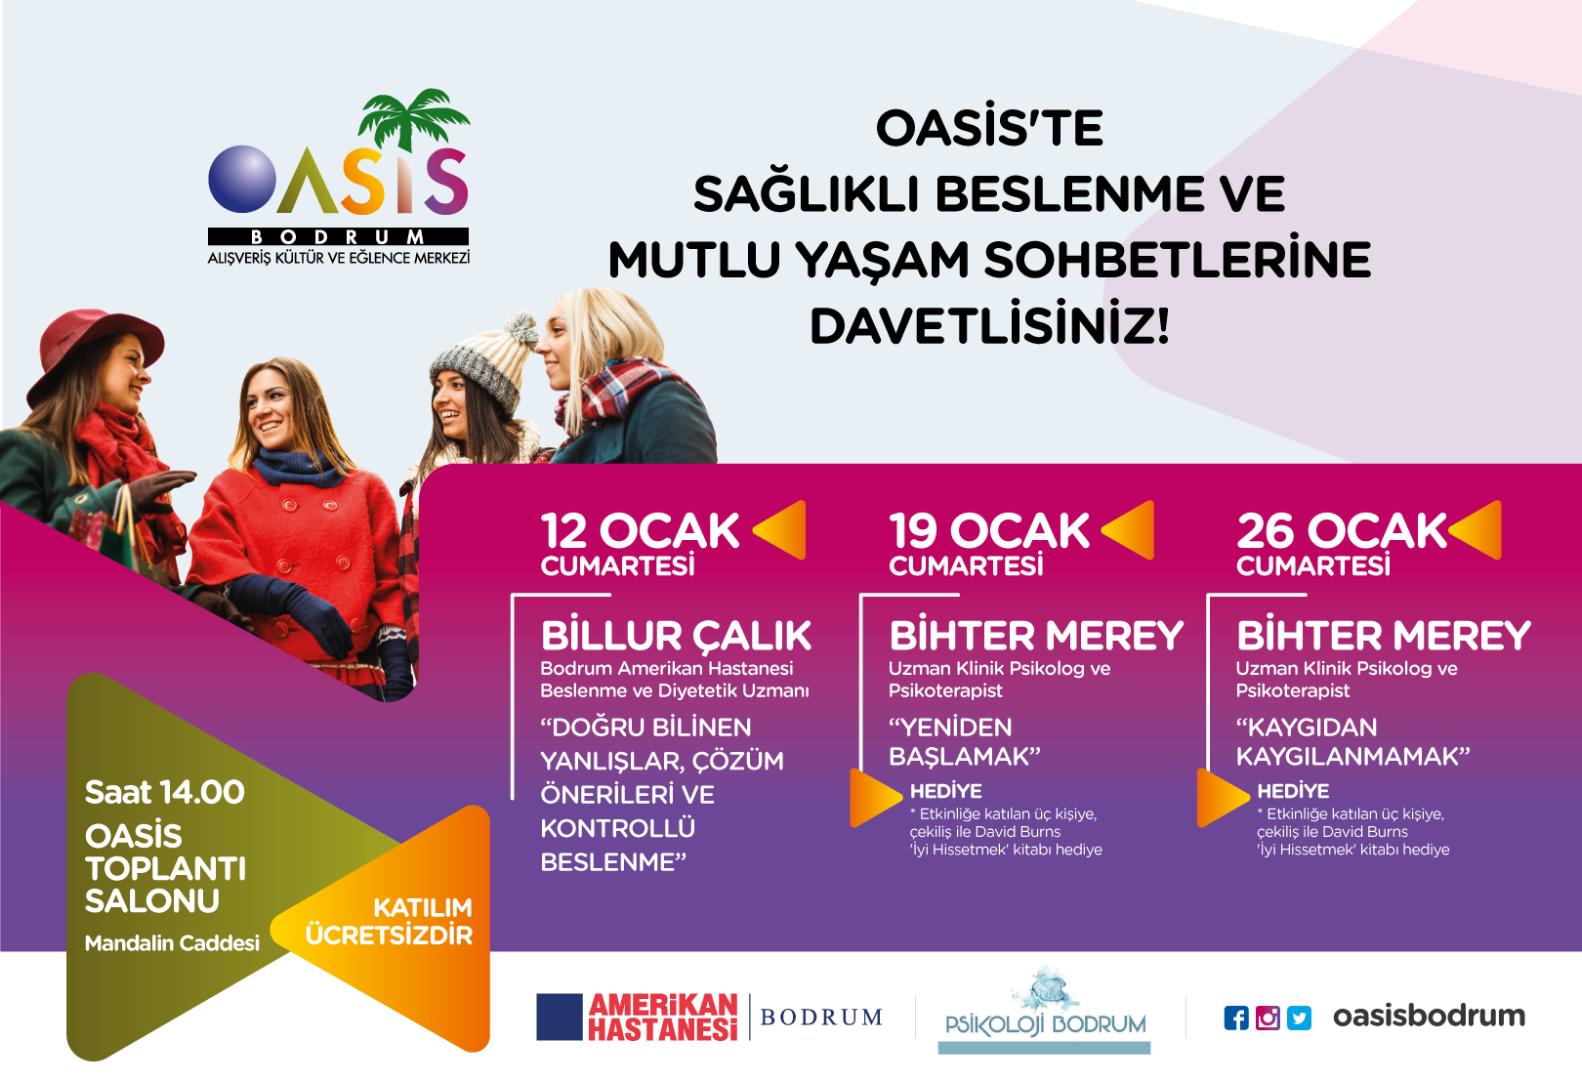 Sağlıklı beslenme ve mutlu yaşam sohbetleri Oasis Bodrum'da olacak